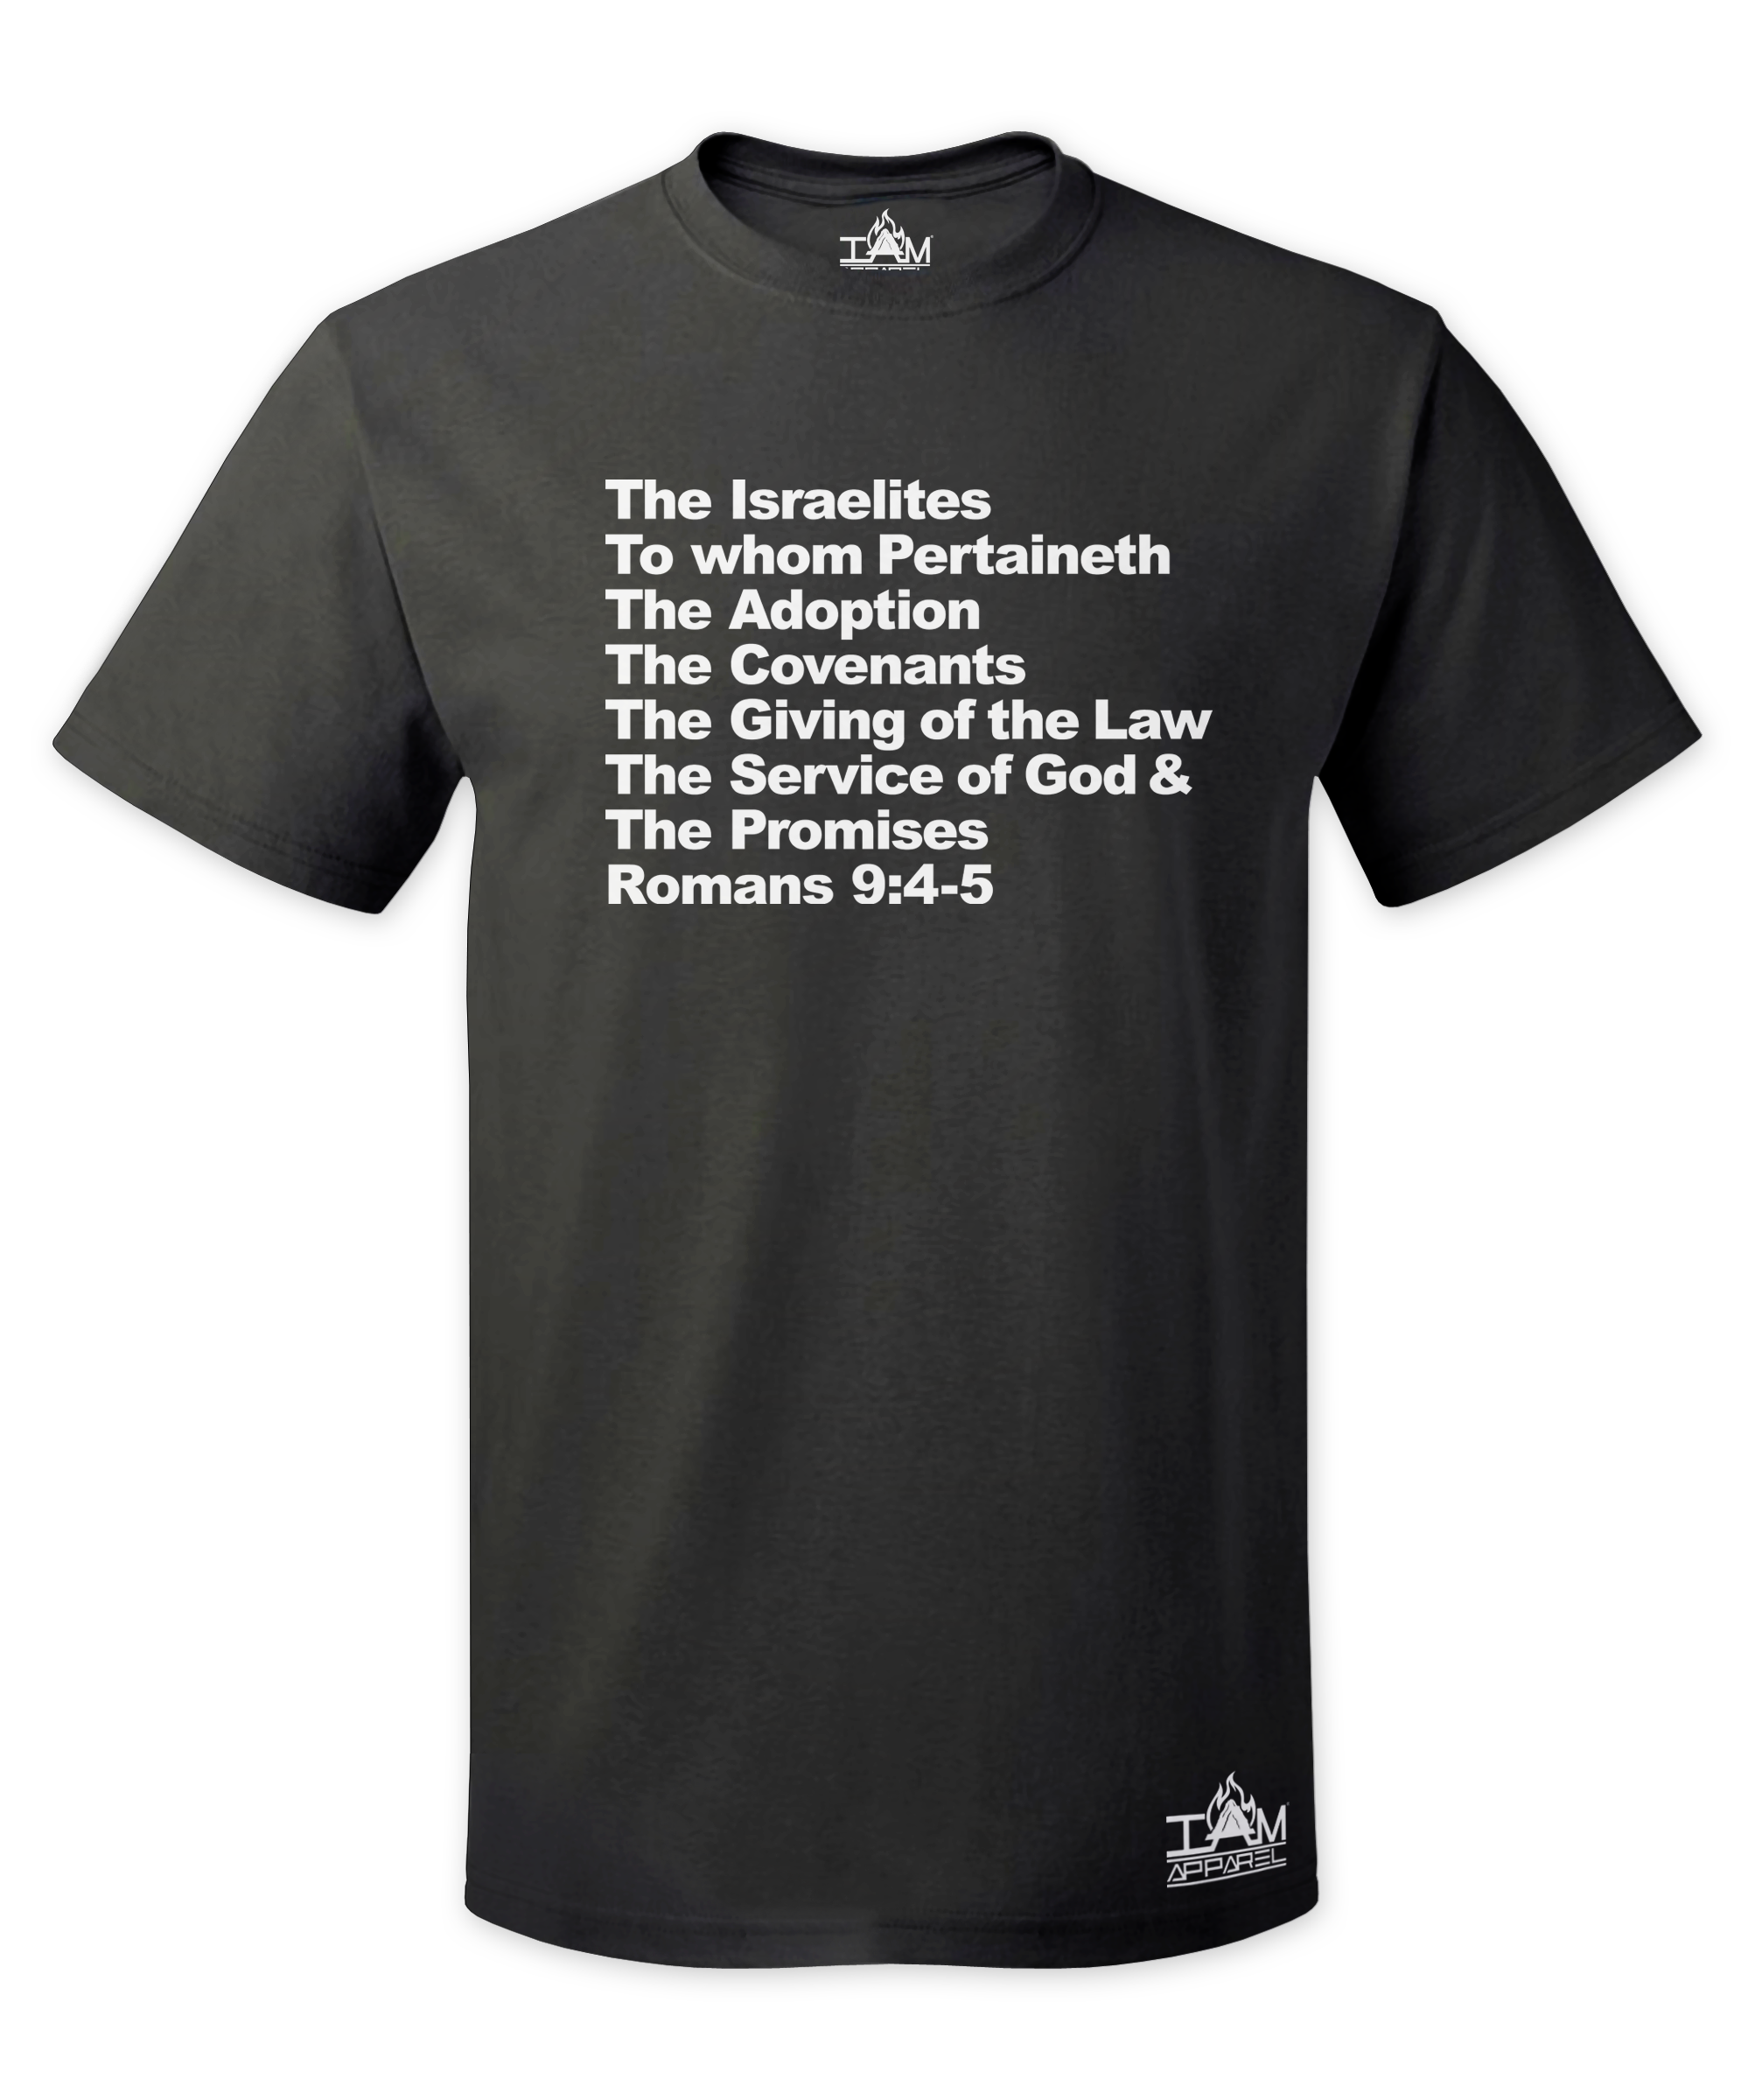 Men's Israelites Text Short Sleeved T-shirt 00139